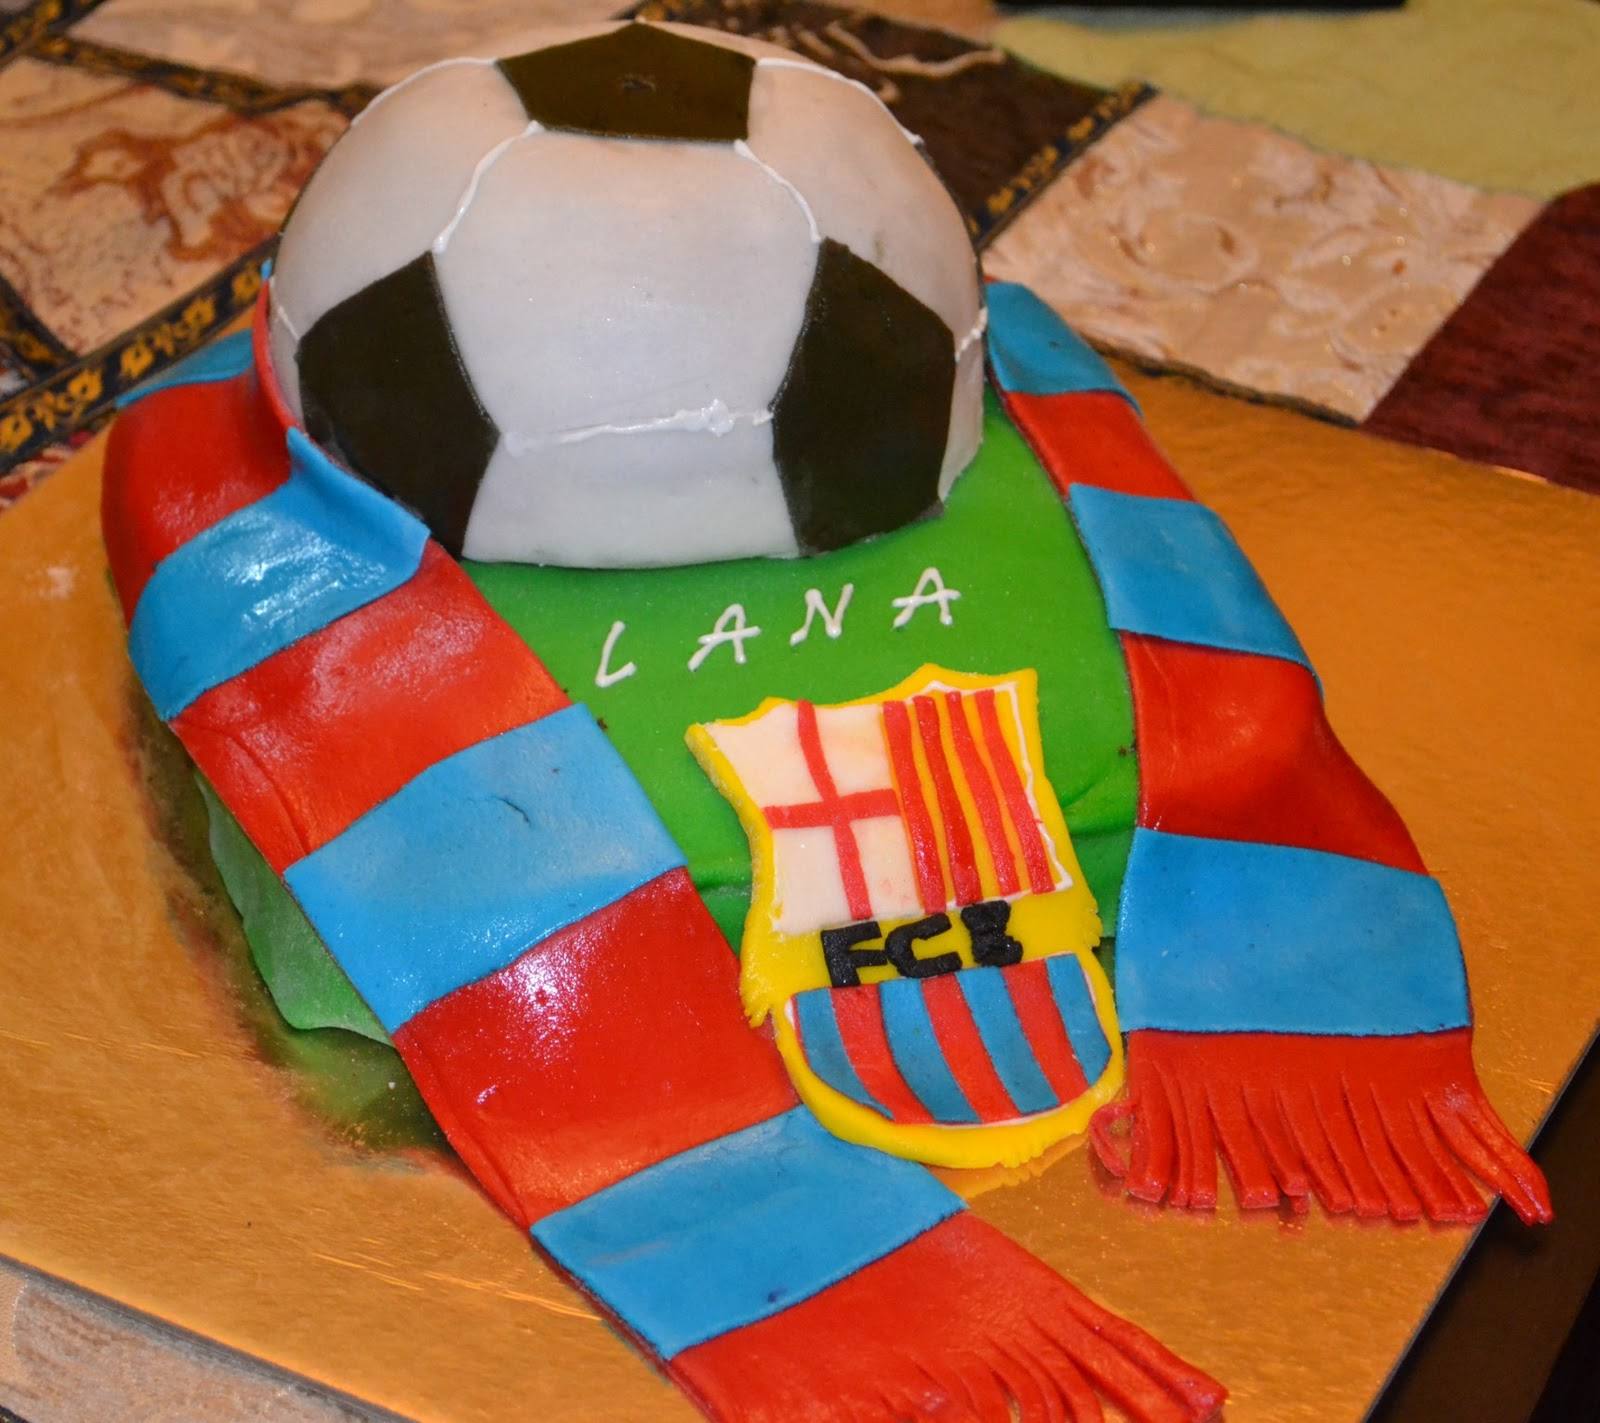 Arsenal Fc Cake